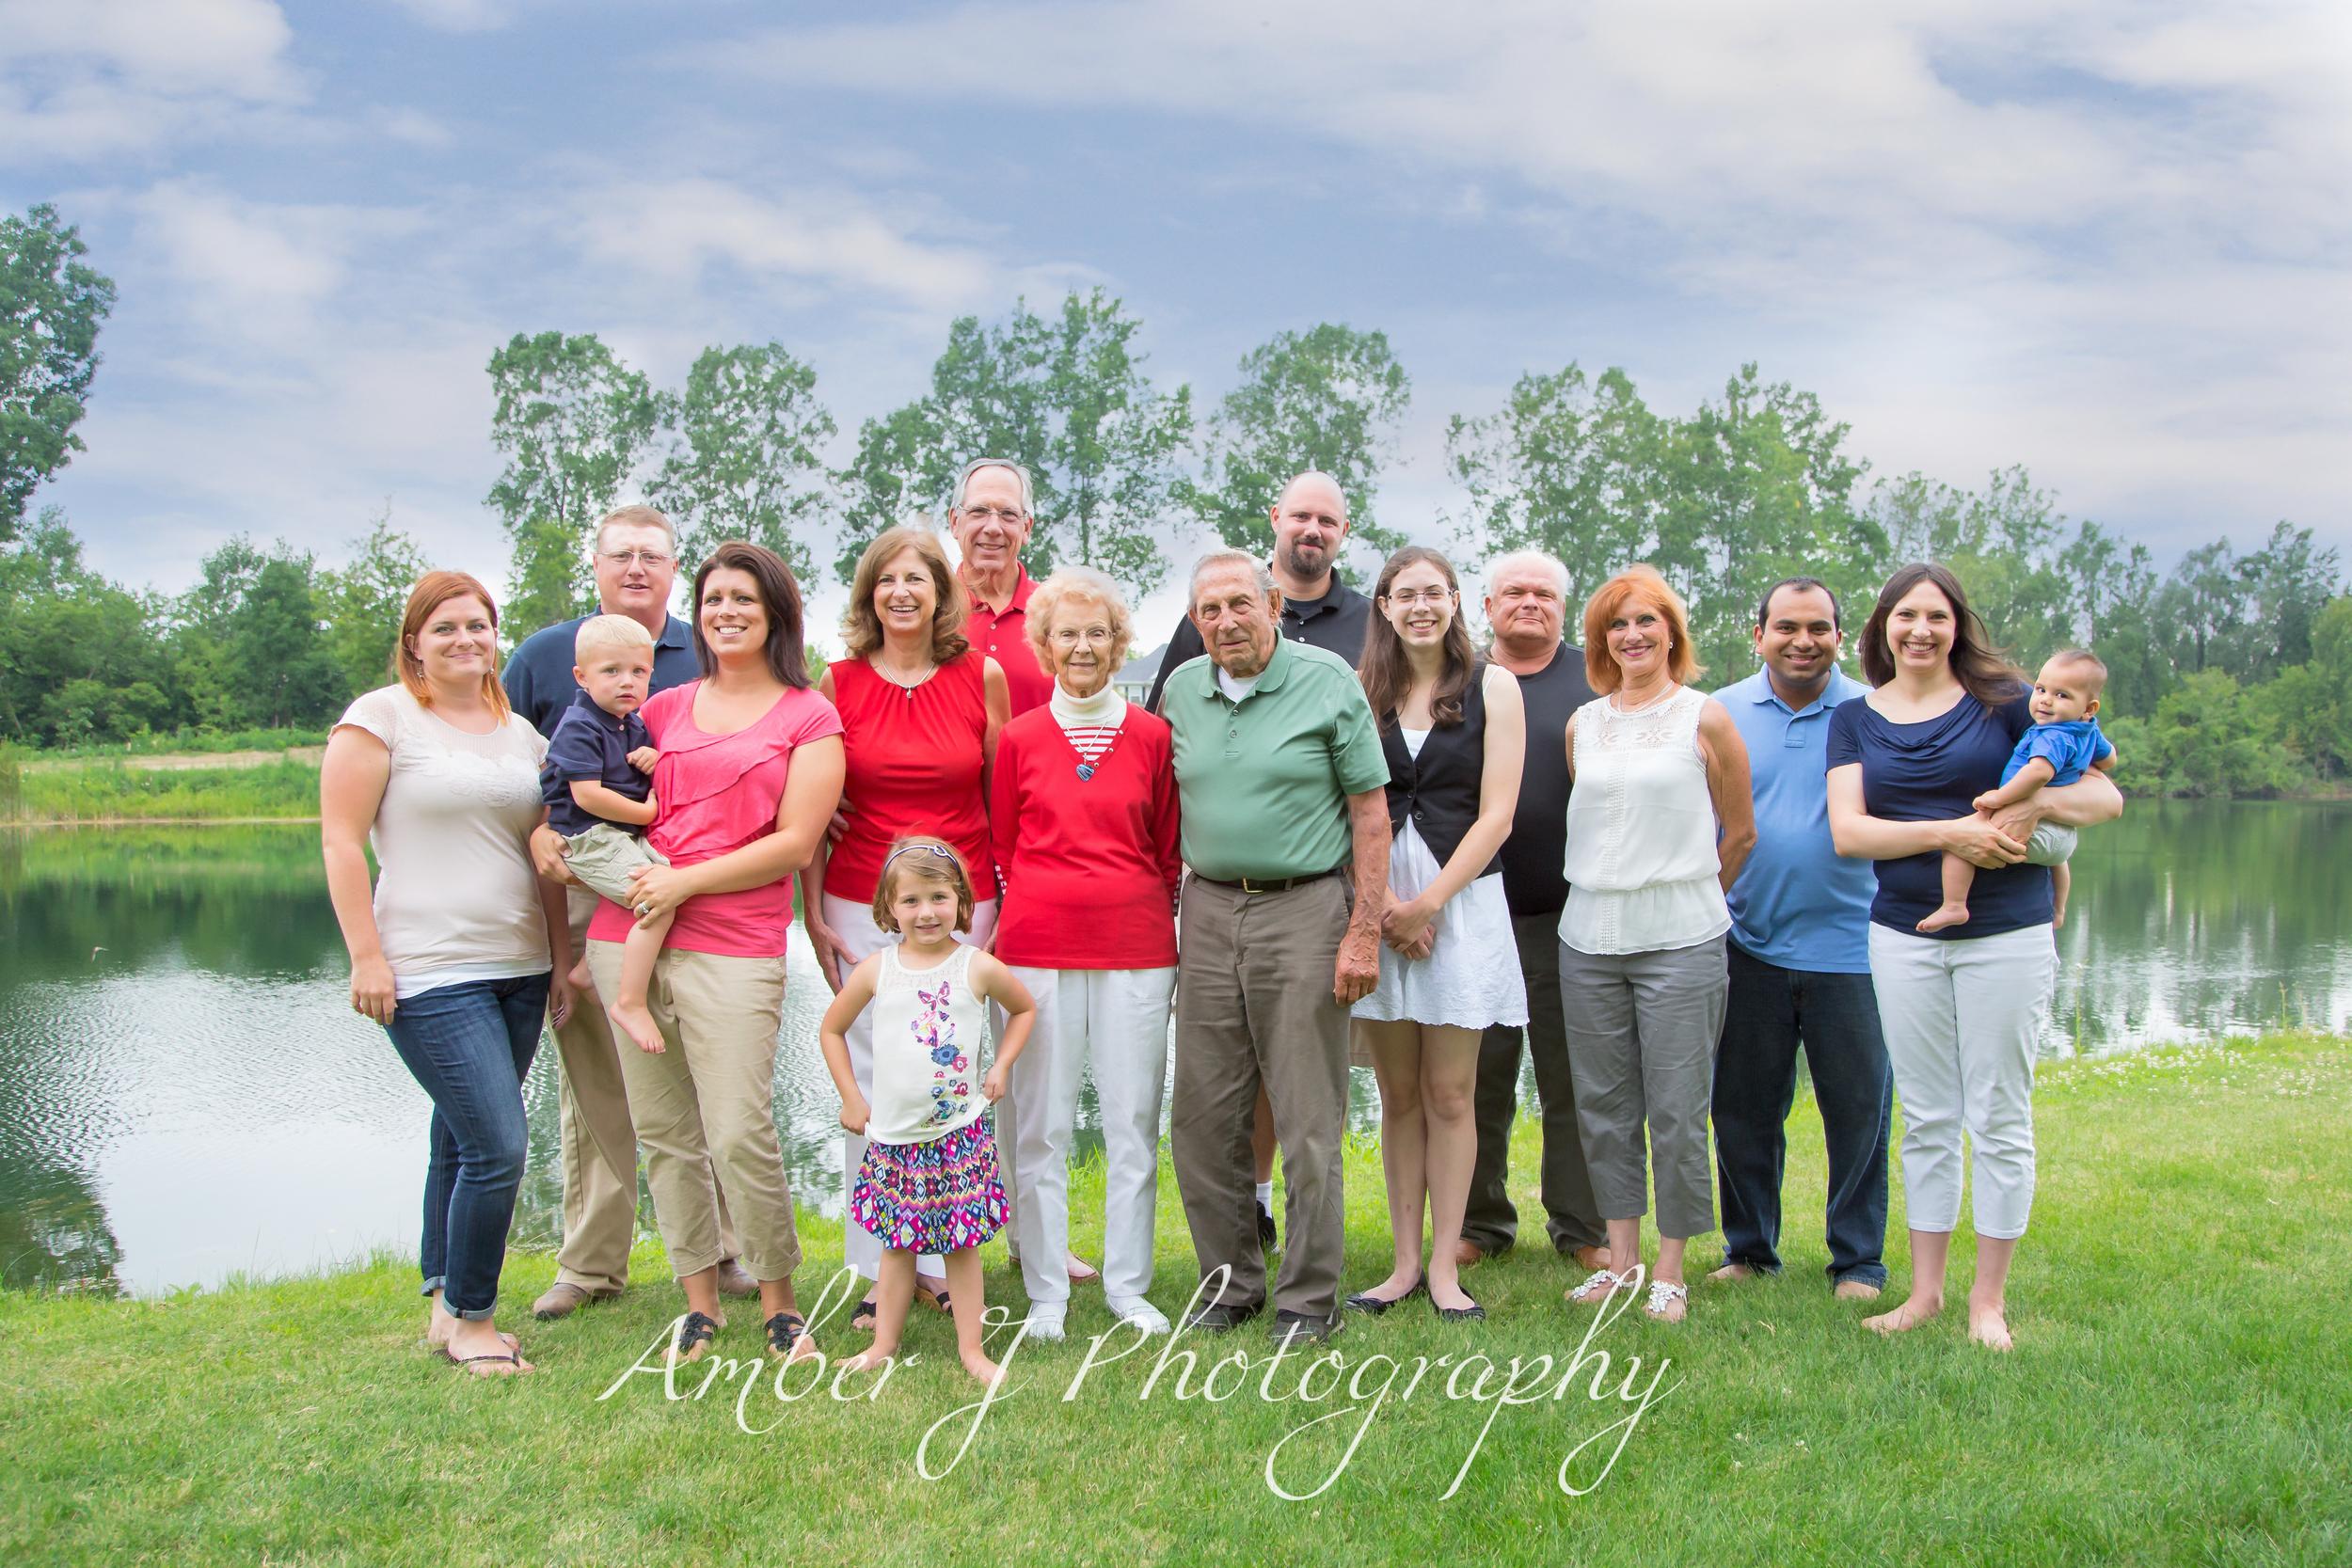 Burrfamily_amberjphotographyblog_09.jpg